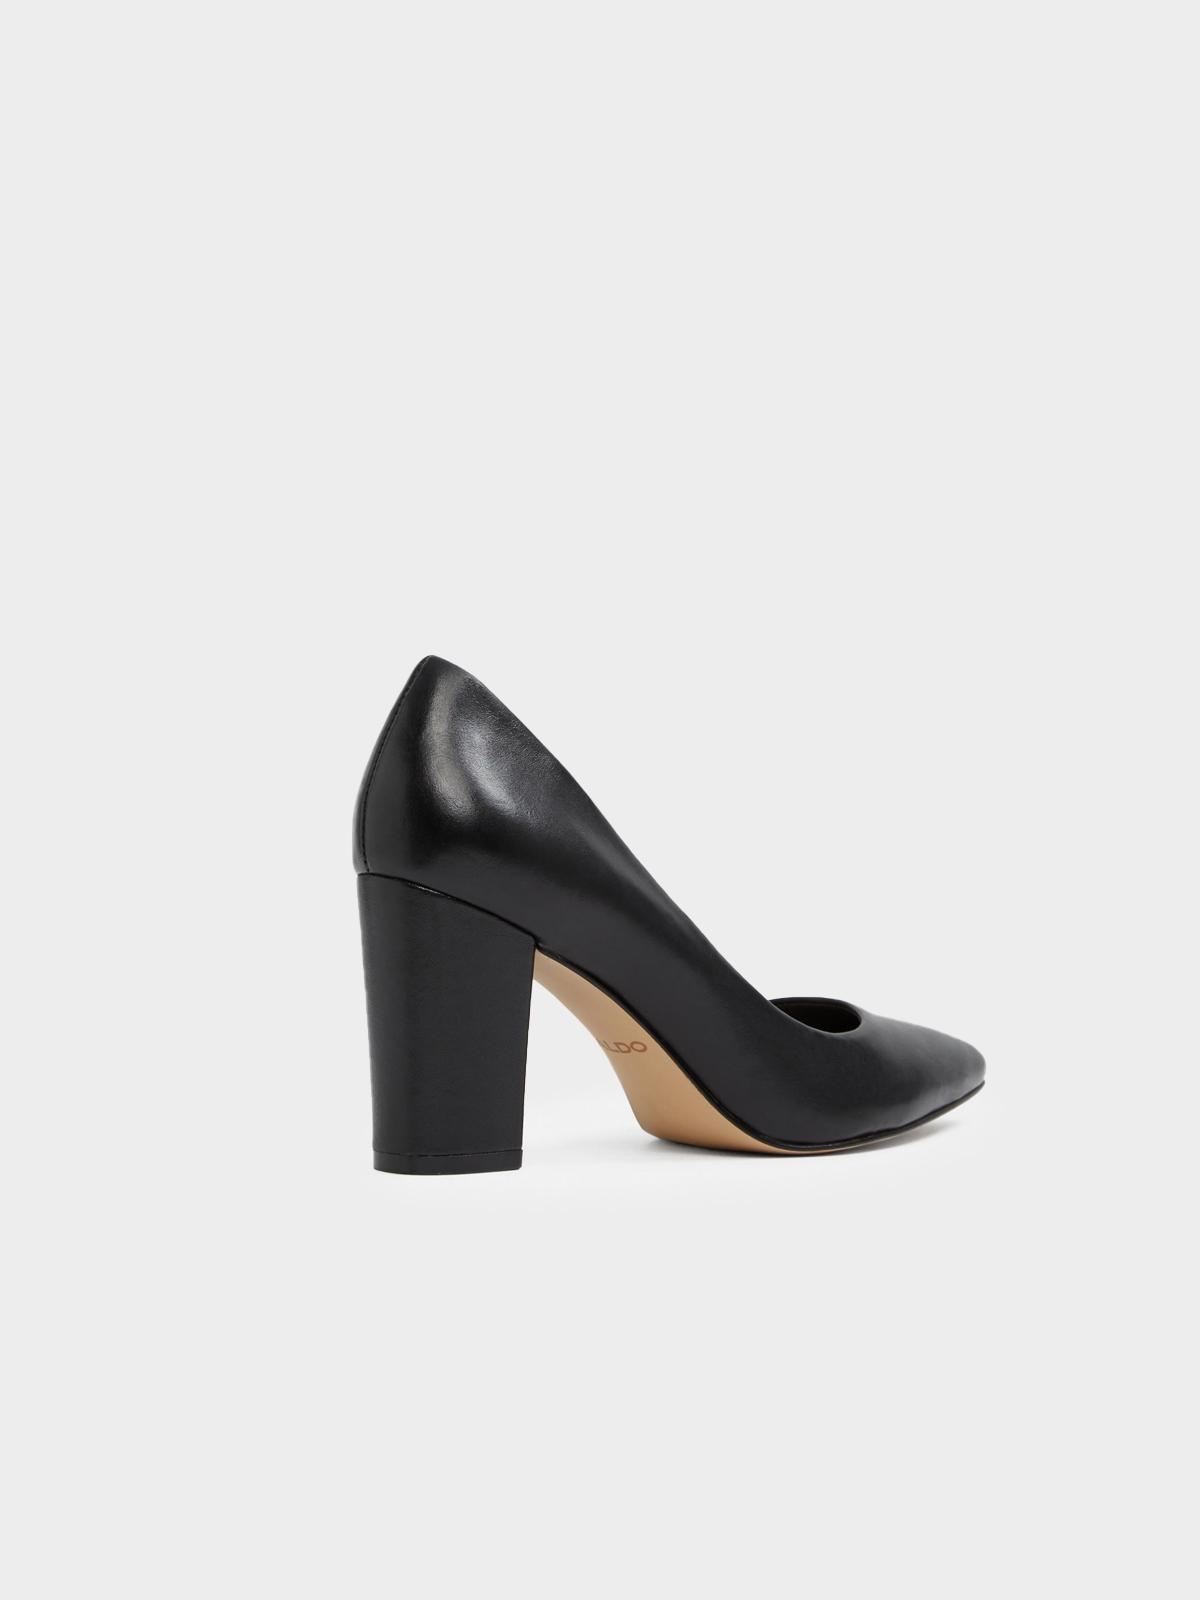 Aldo Raerka Pointed Toe Block Heels Black